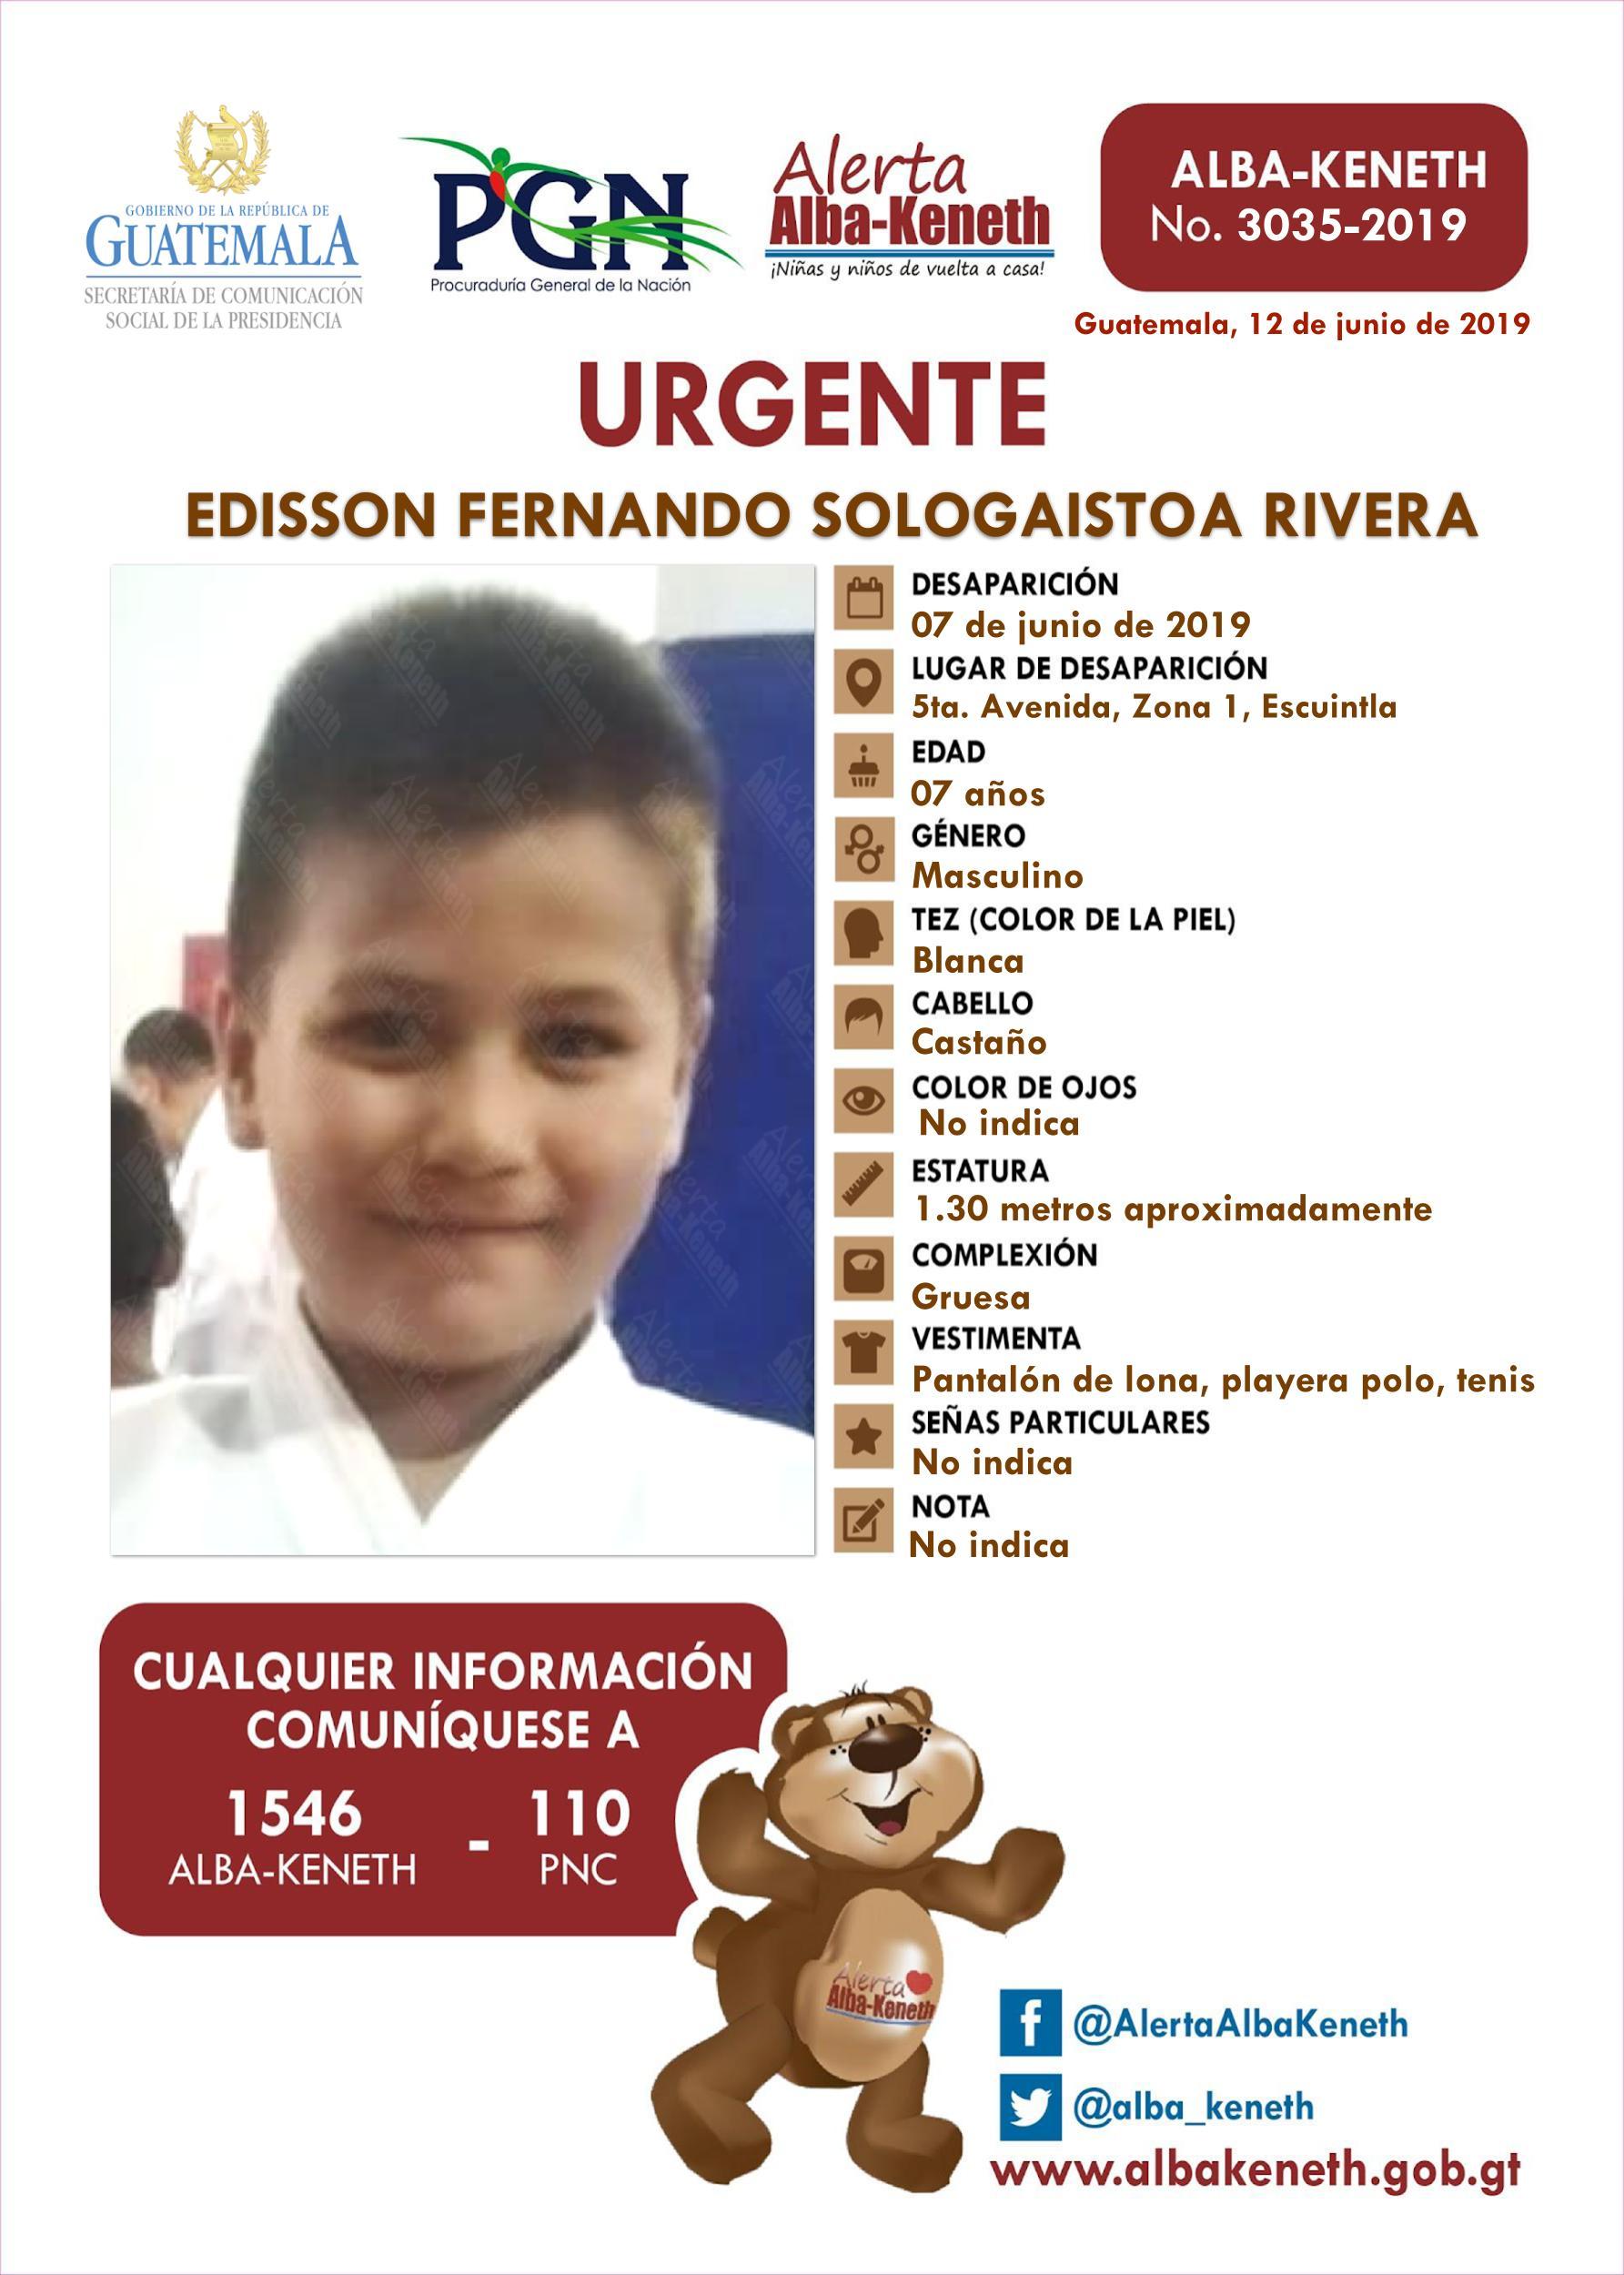 Edisson Ferando Sologaistoa Rivera